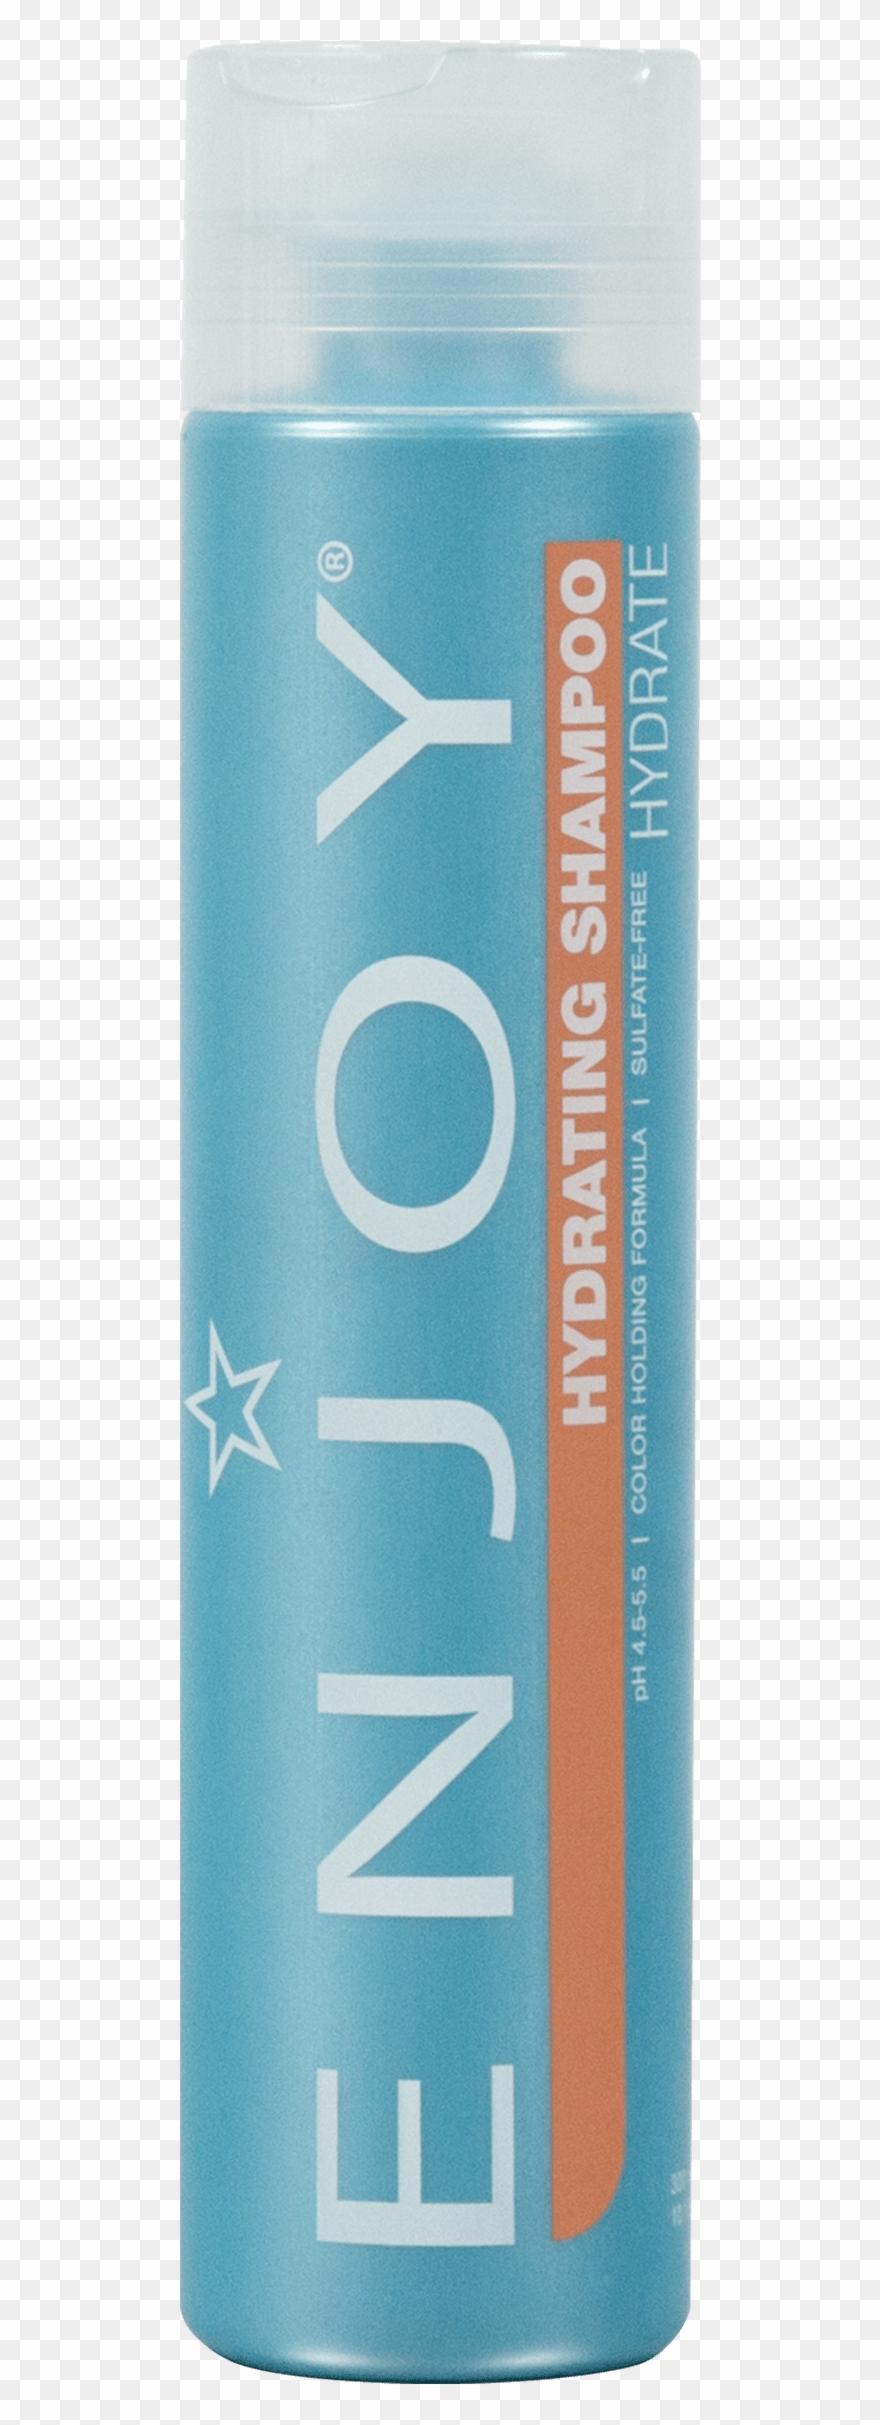 shampoo # 4997503